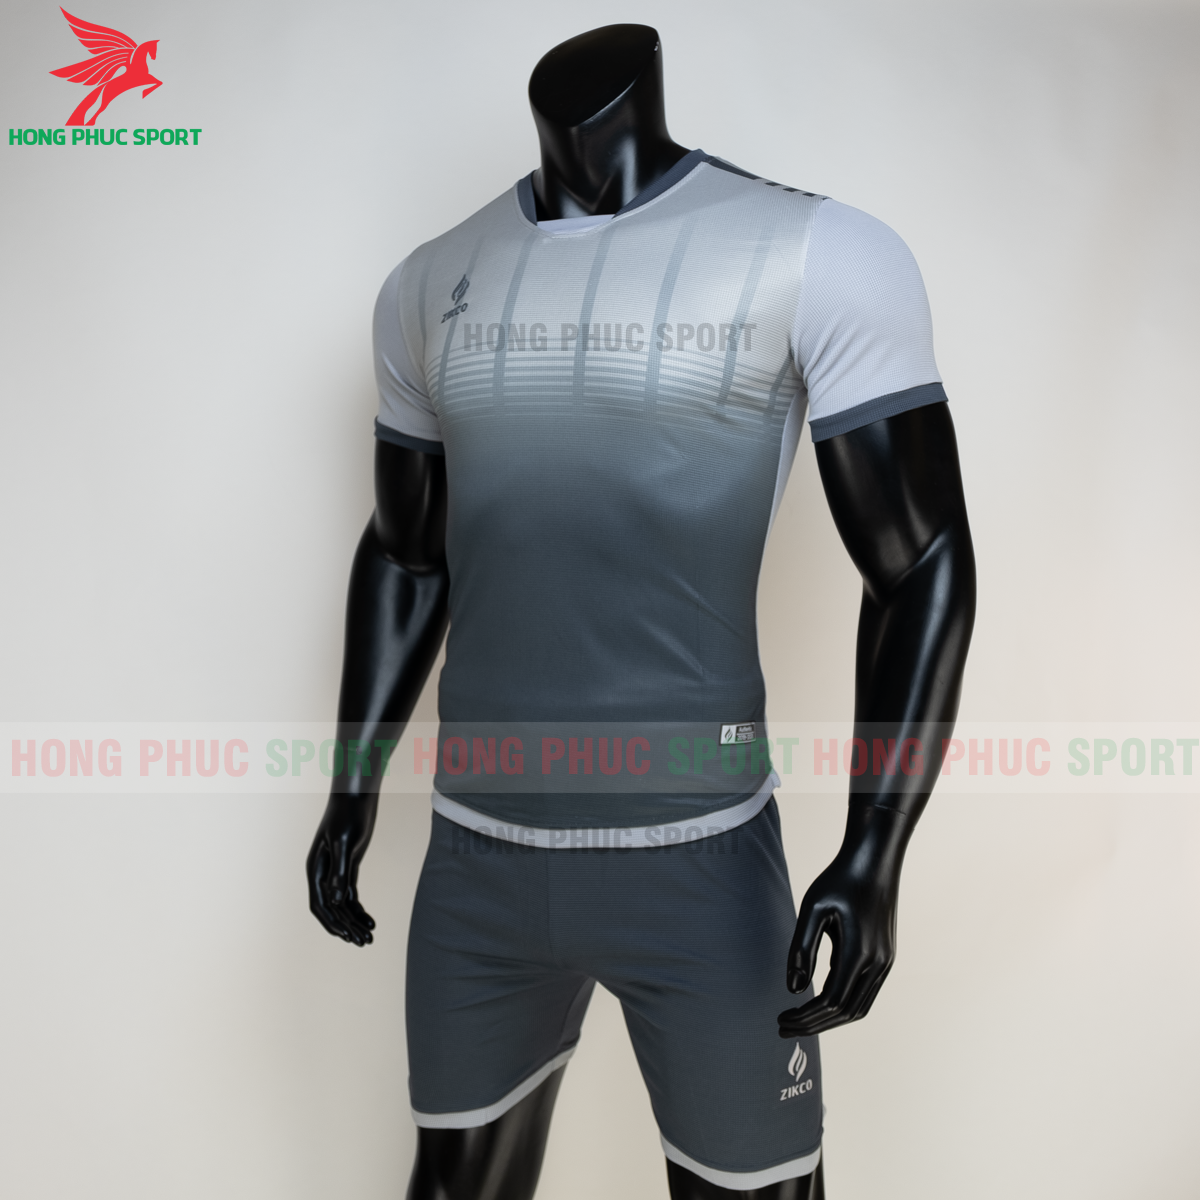 https://cdn.hongphucsport.com/unsafe/s4.shopbay.vn/files/285/ao-bong-da-khong-logo-zikco-z01-mau-den-4-605024ec0480b.png